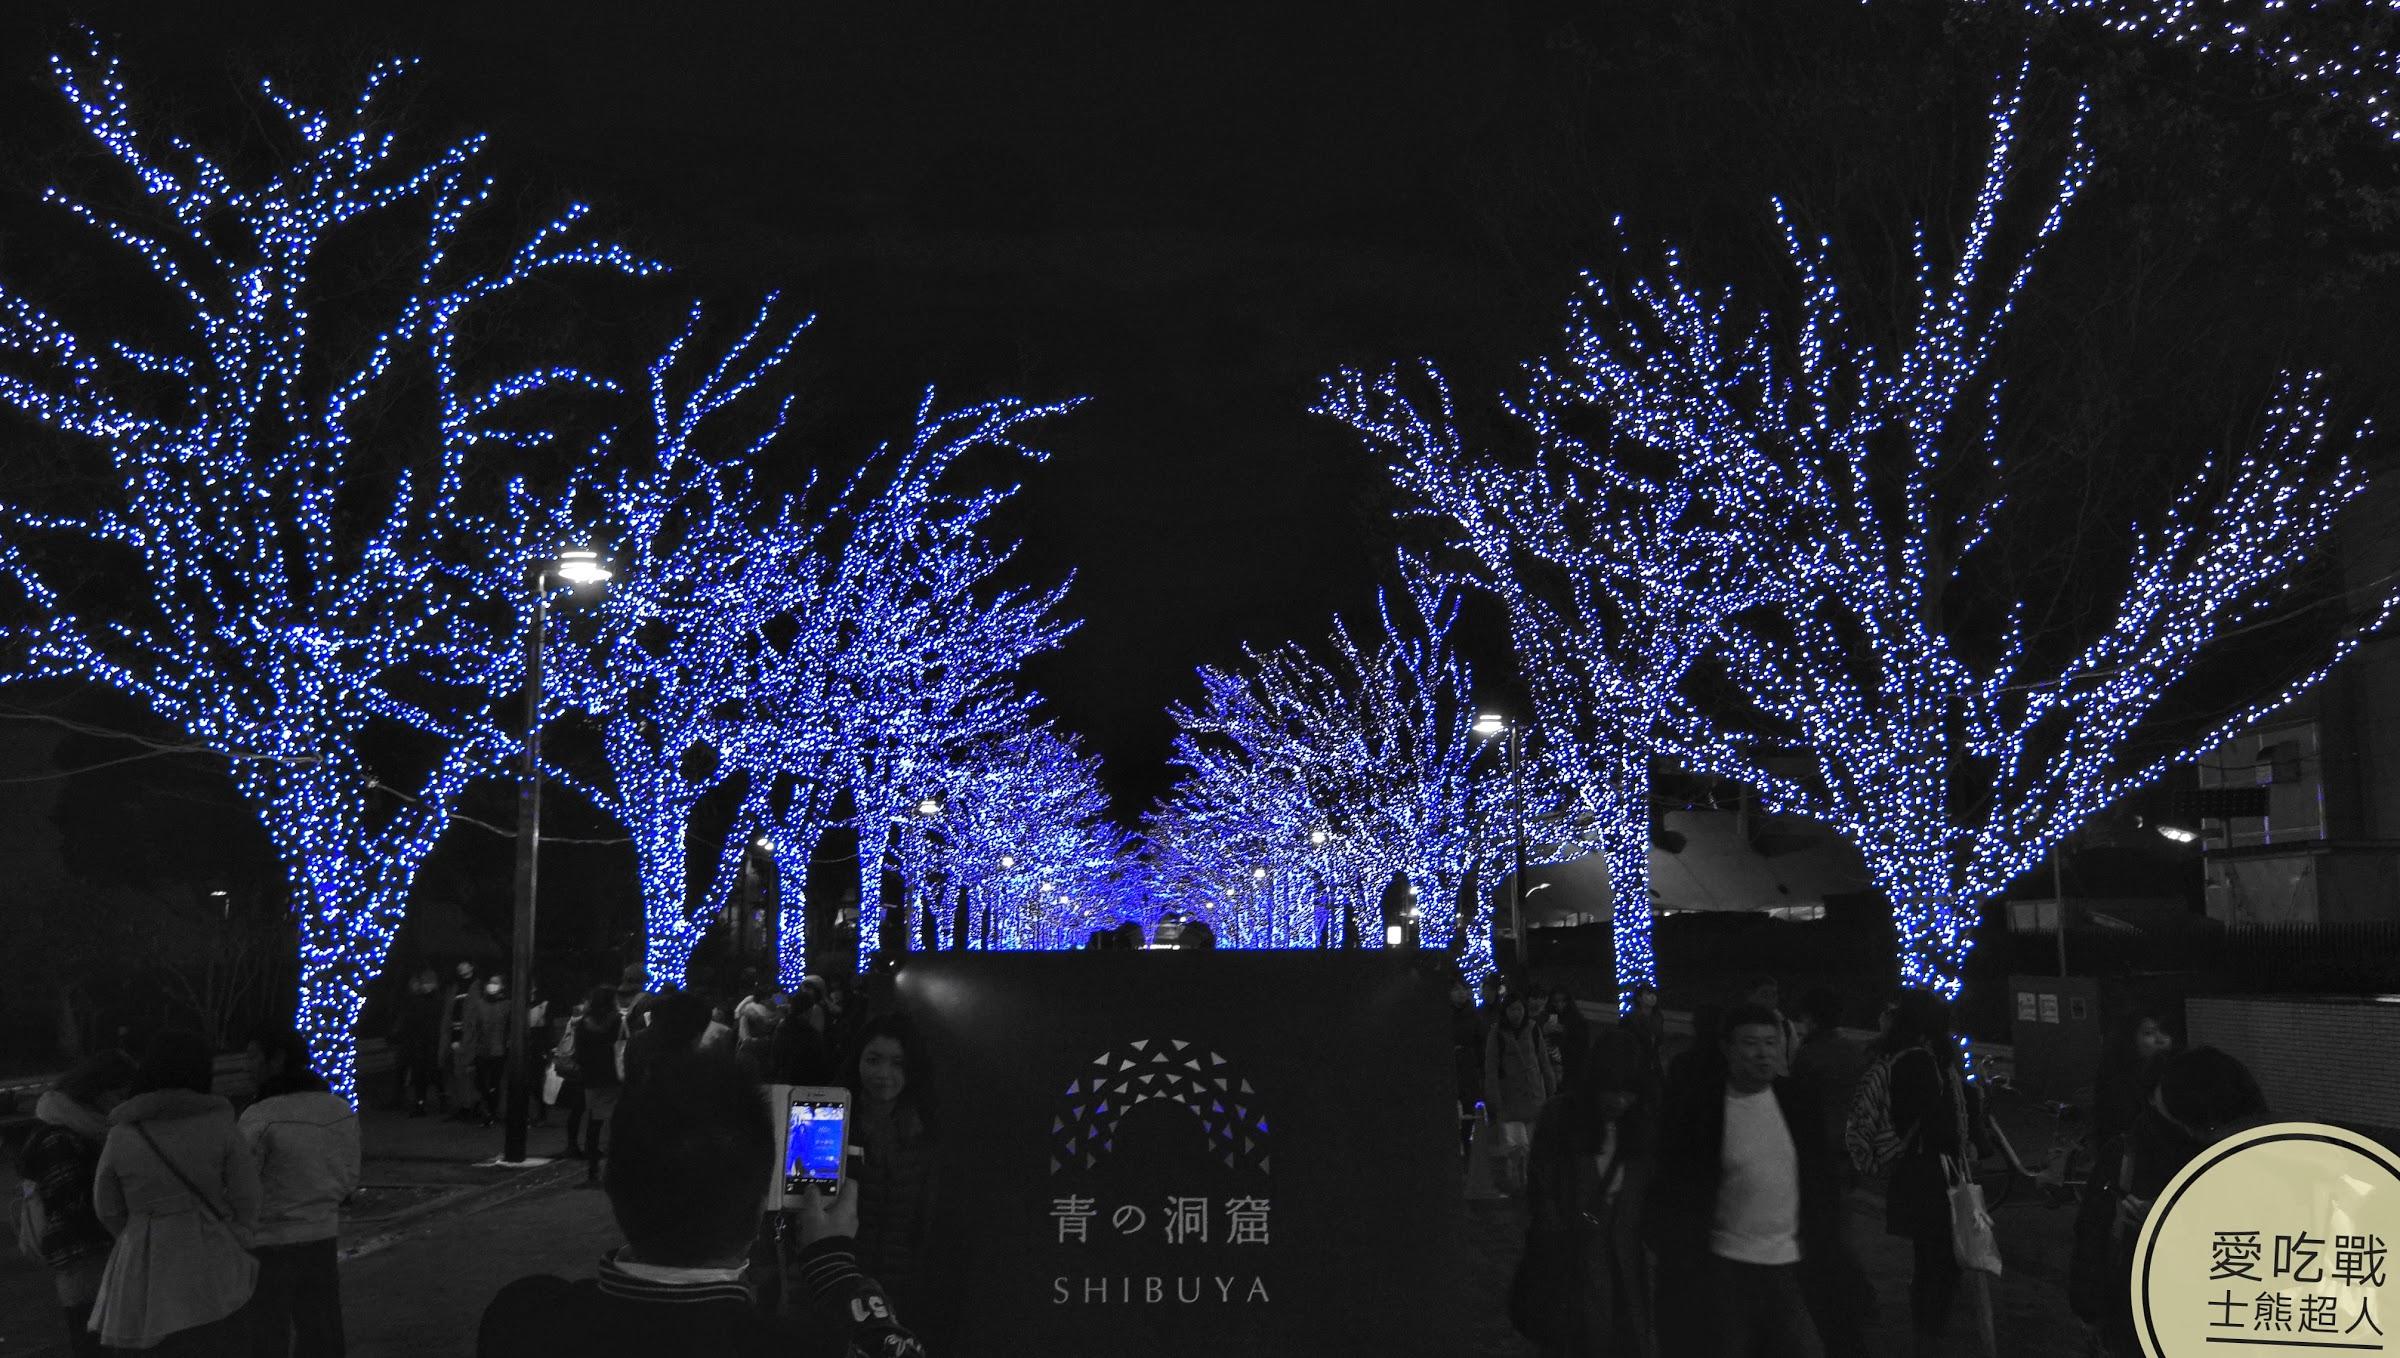 。東京 涉谷。青の洞窟 SHIBUYA(青之洞窟):耶誕限定的涉谷景點。